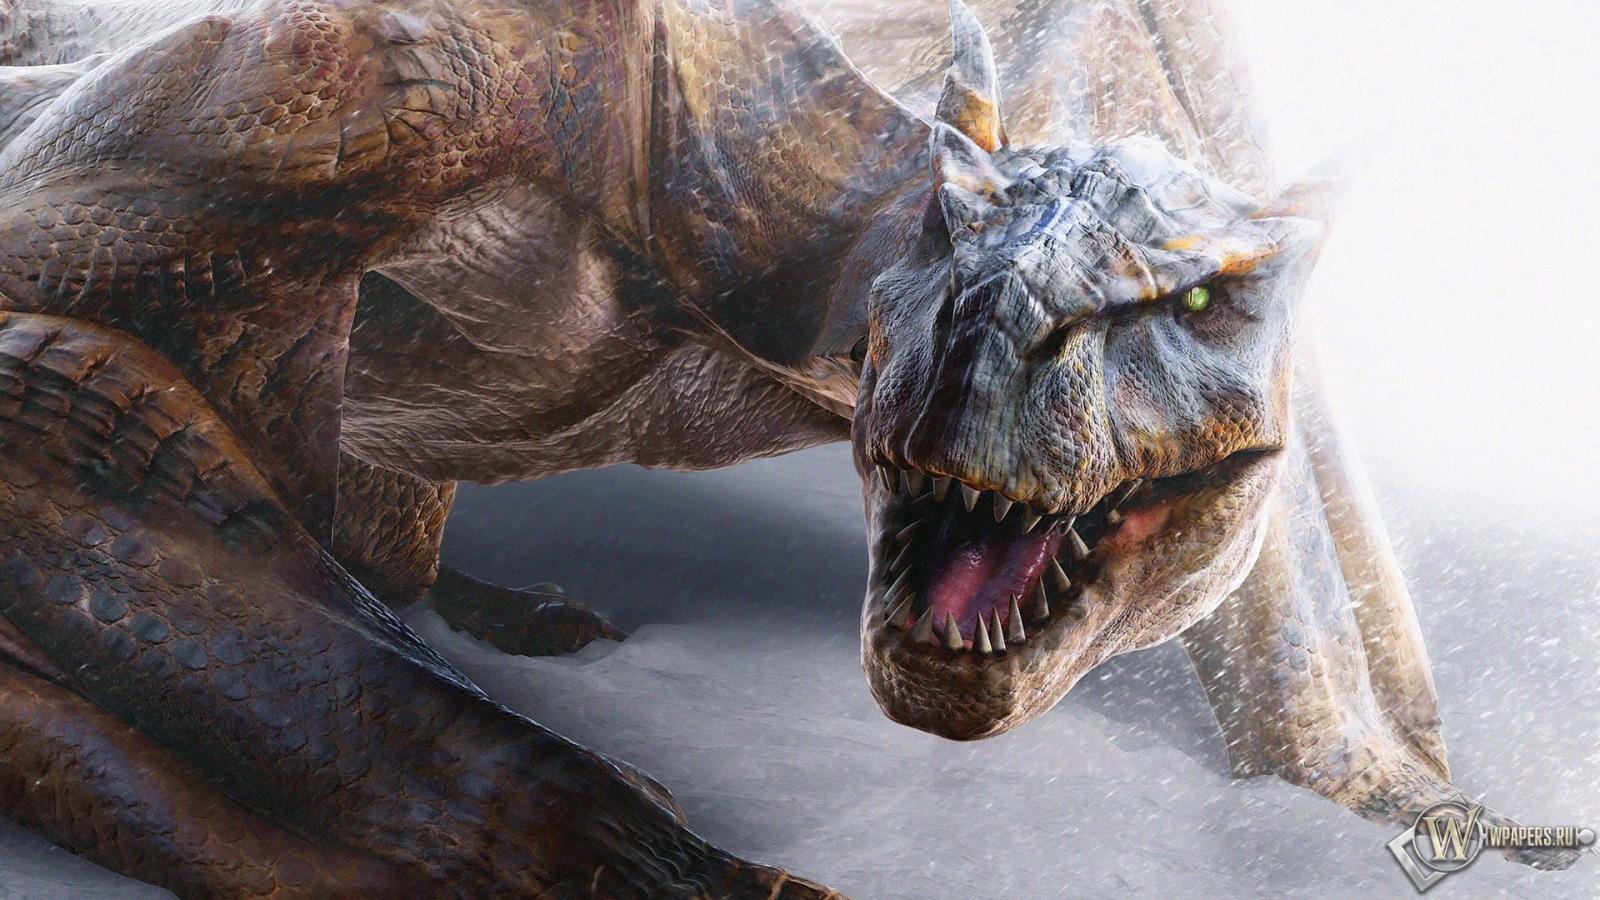 Дракон 1600x900